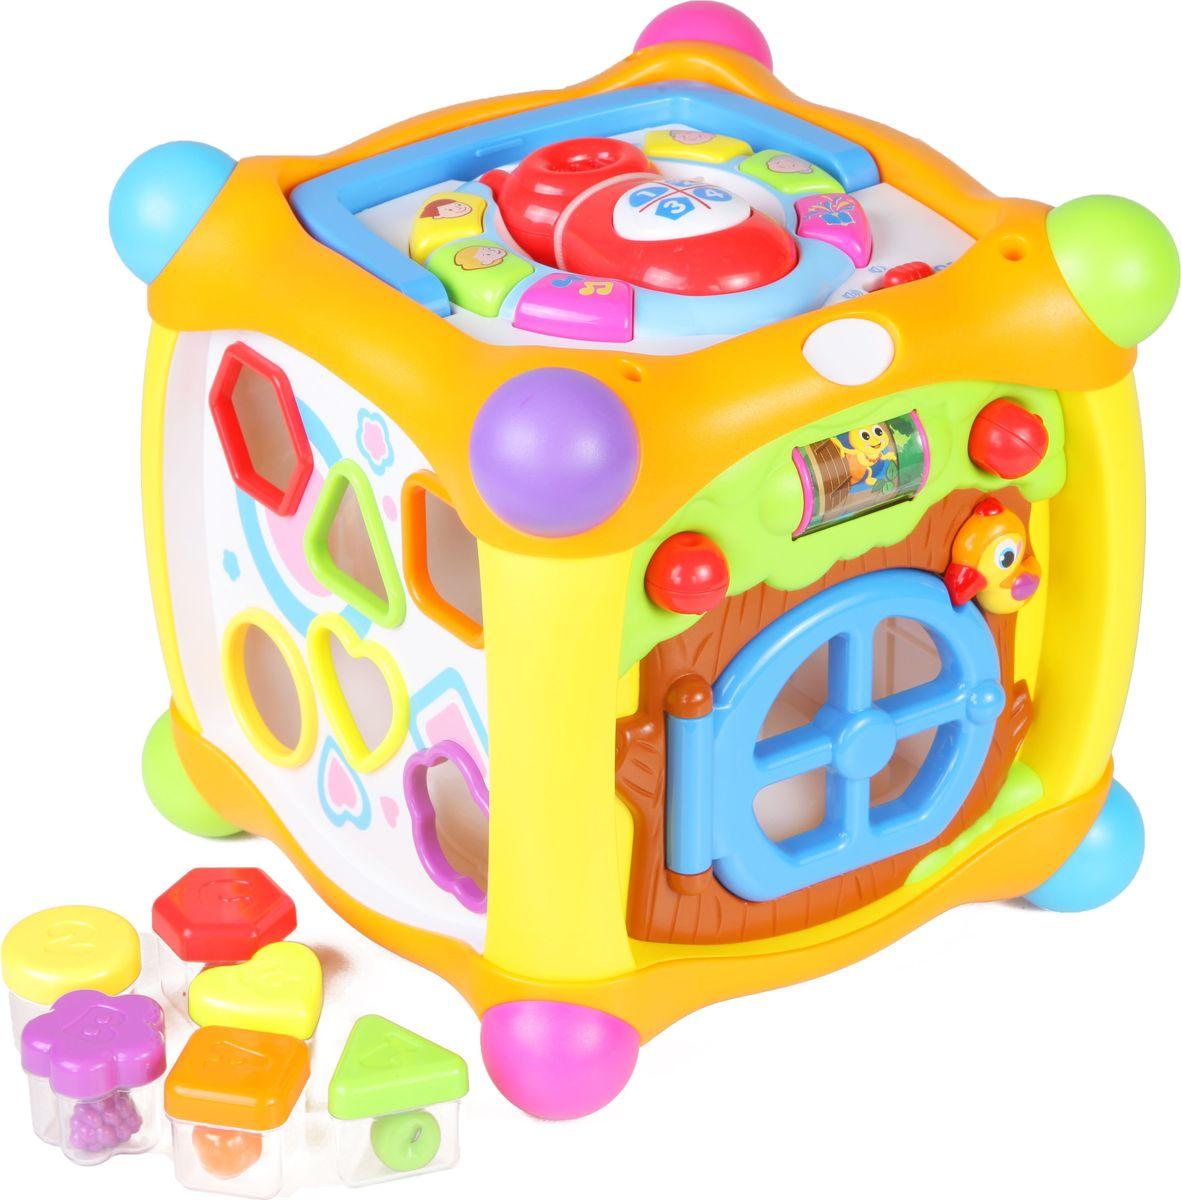 Huile Toys Развивающий игровой центр для малышей Куб Y61170